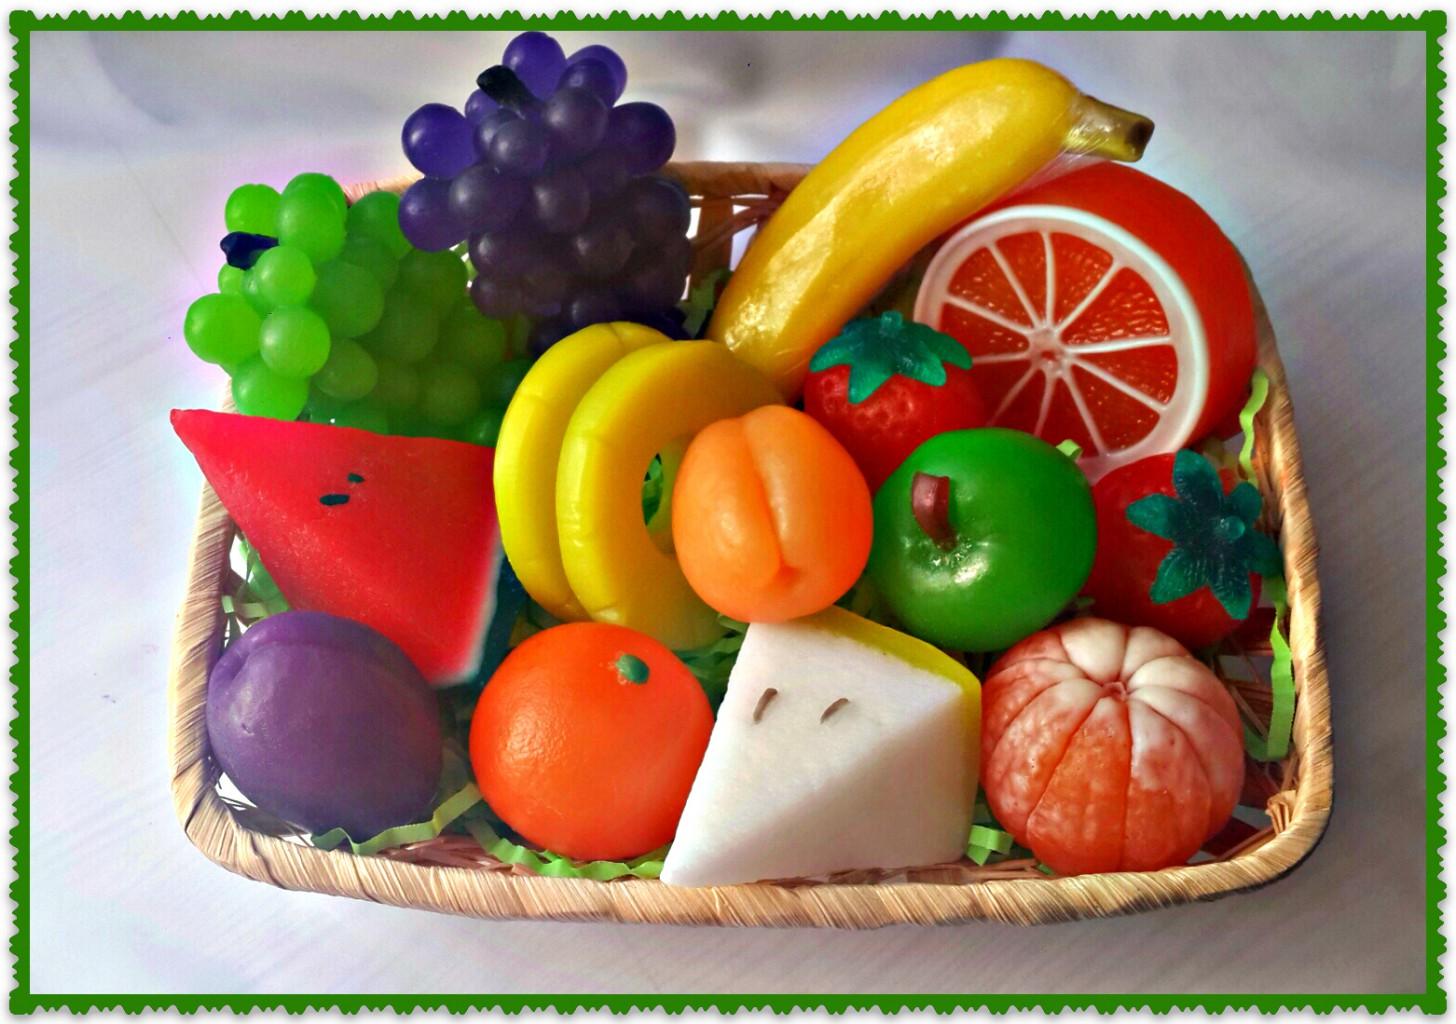 Мыльный рай!Оригинальные подарки ручной работы !Ваши близкие будут довольны!Новинка!букеты из конфет,коктейли для ванны!Сенсация !Подарок за любой заказ!!+Распродажа!